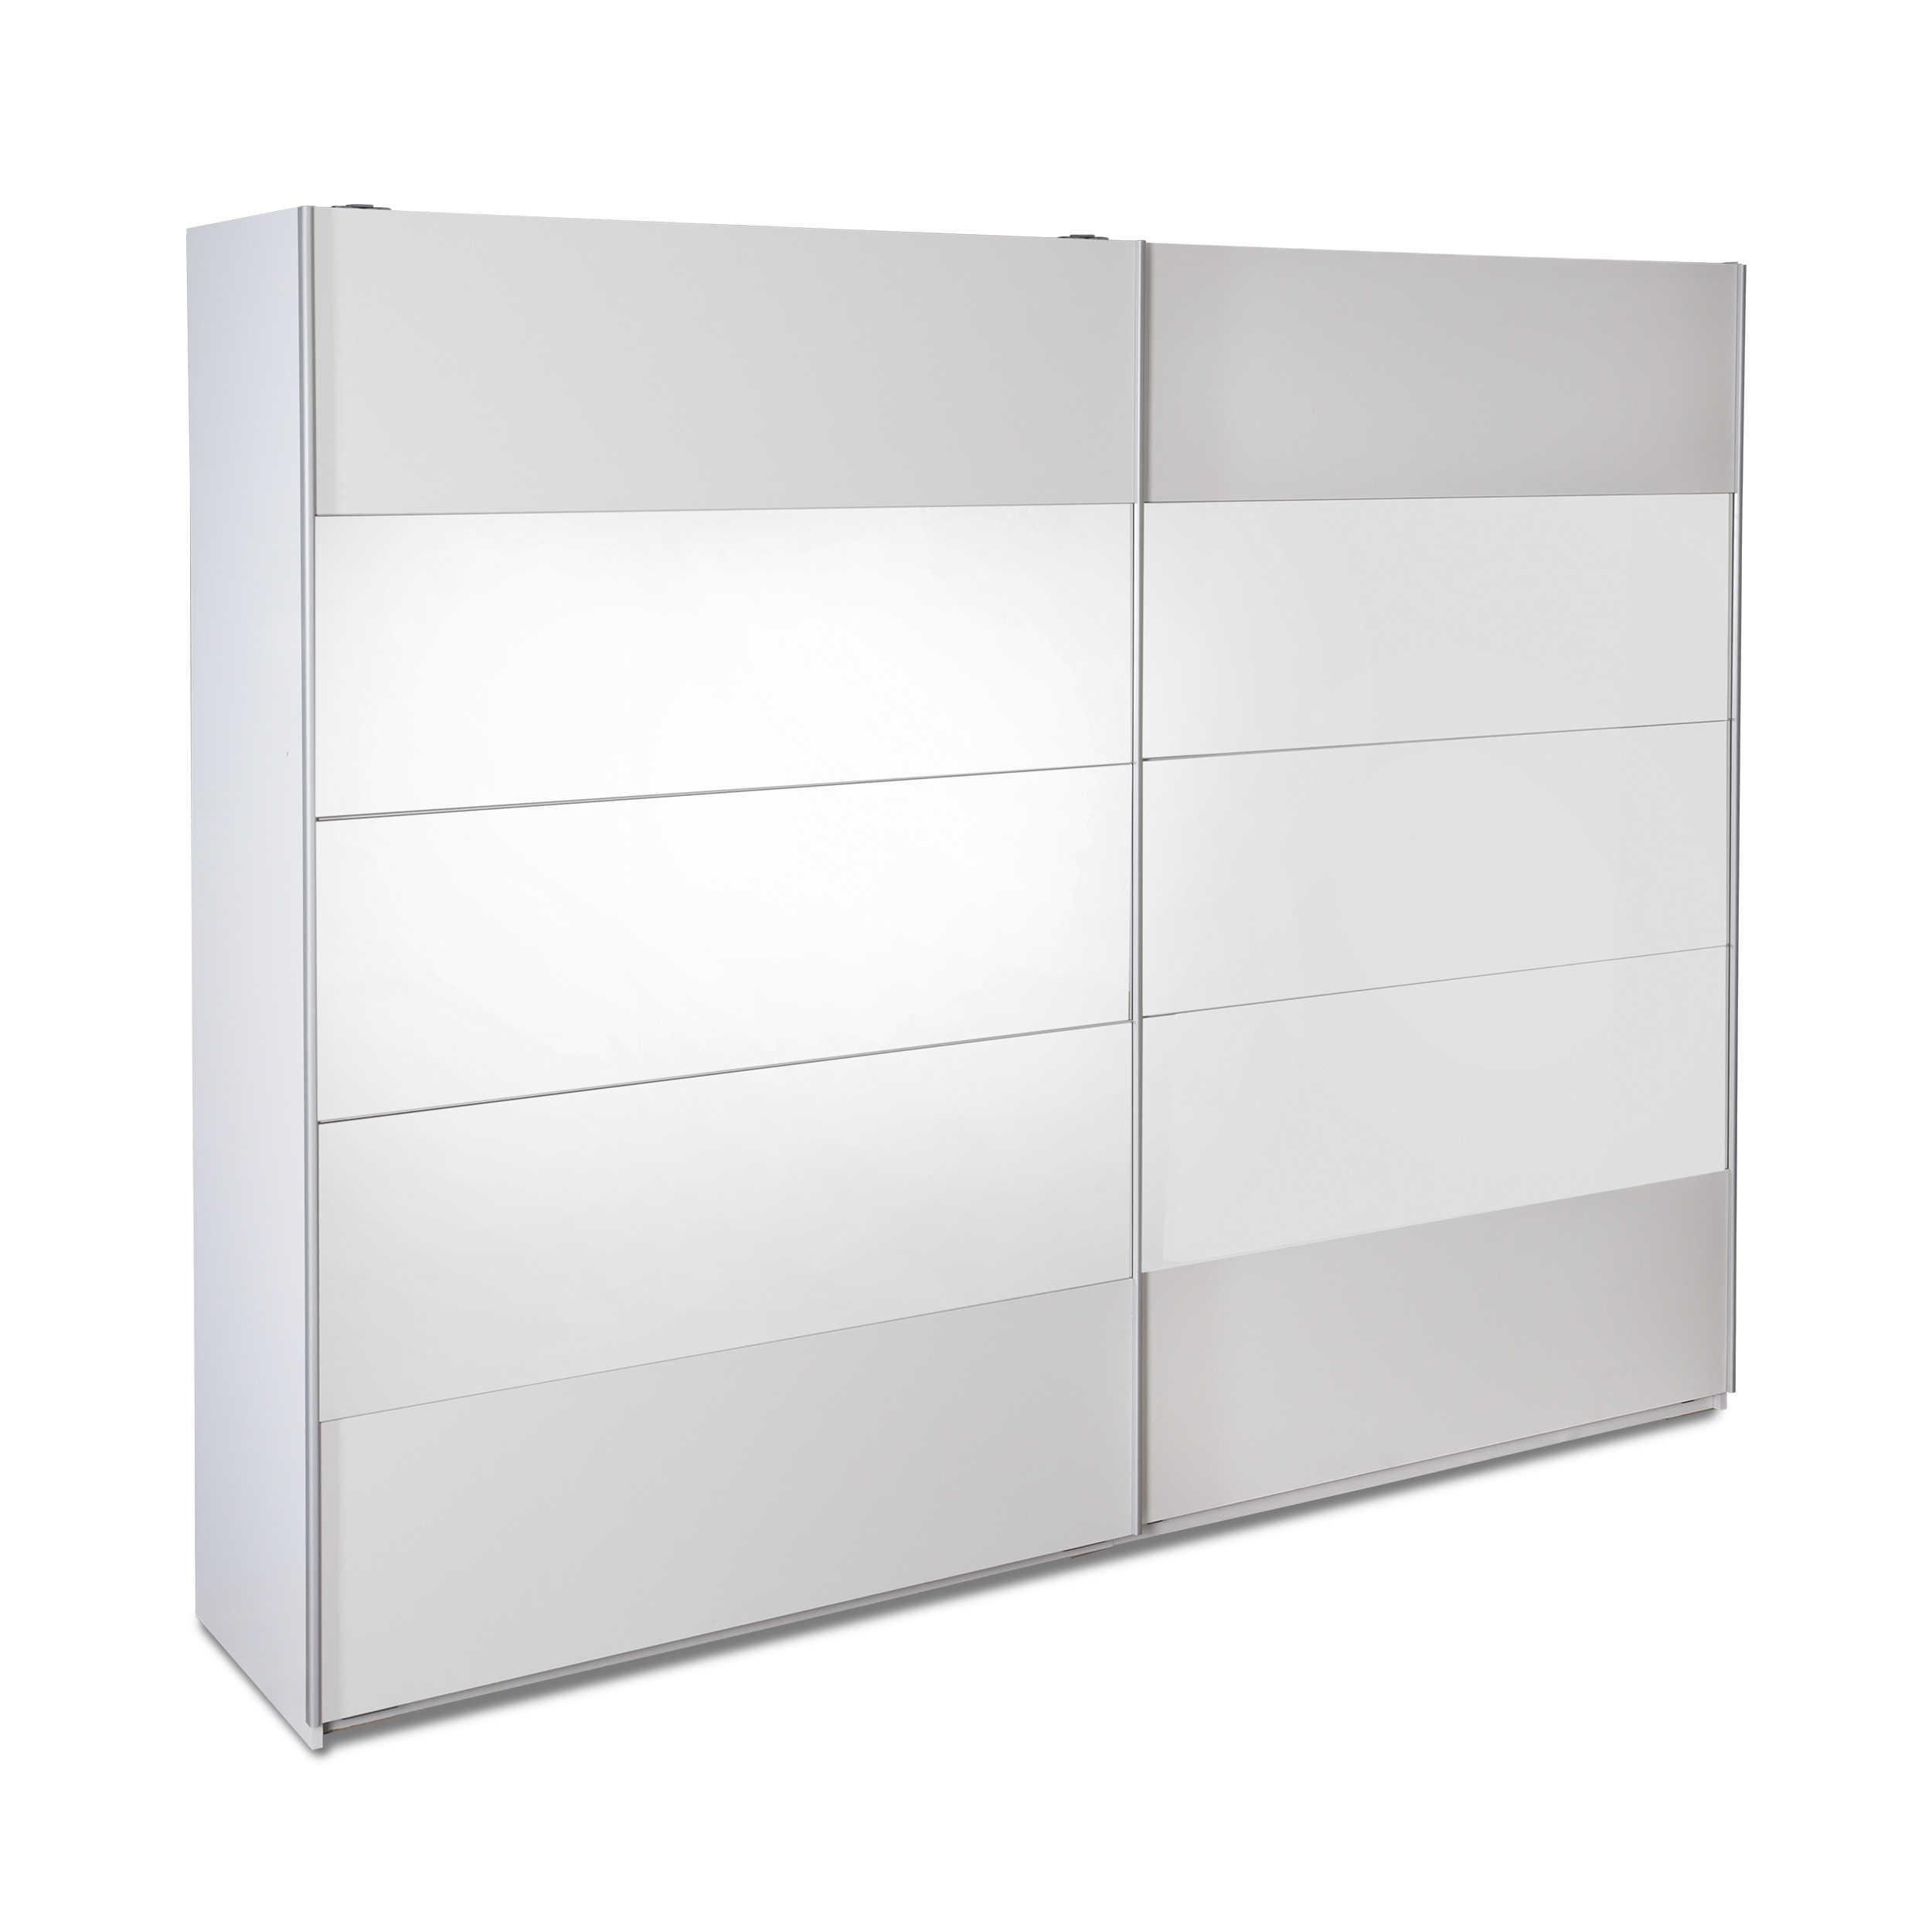 pol power kleiderschrank penta 270 x 210 cm wei kunststoff online kaufen bei woonio. Black Bedroom Furniture Sets. Home Design Ideas